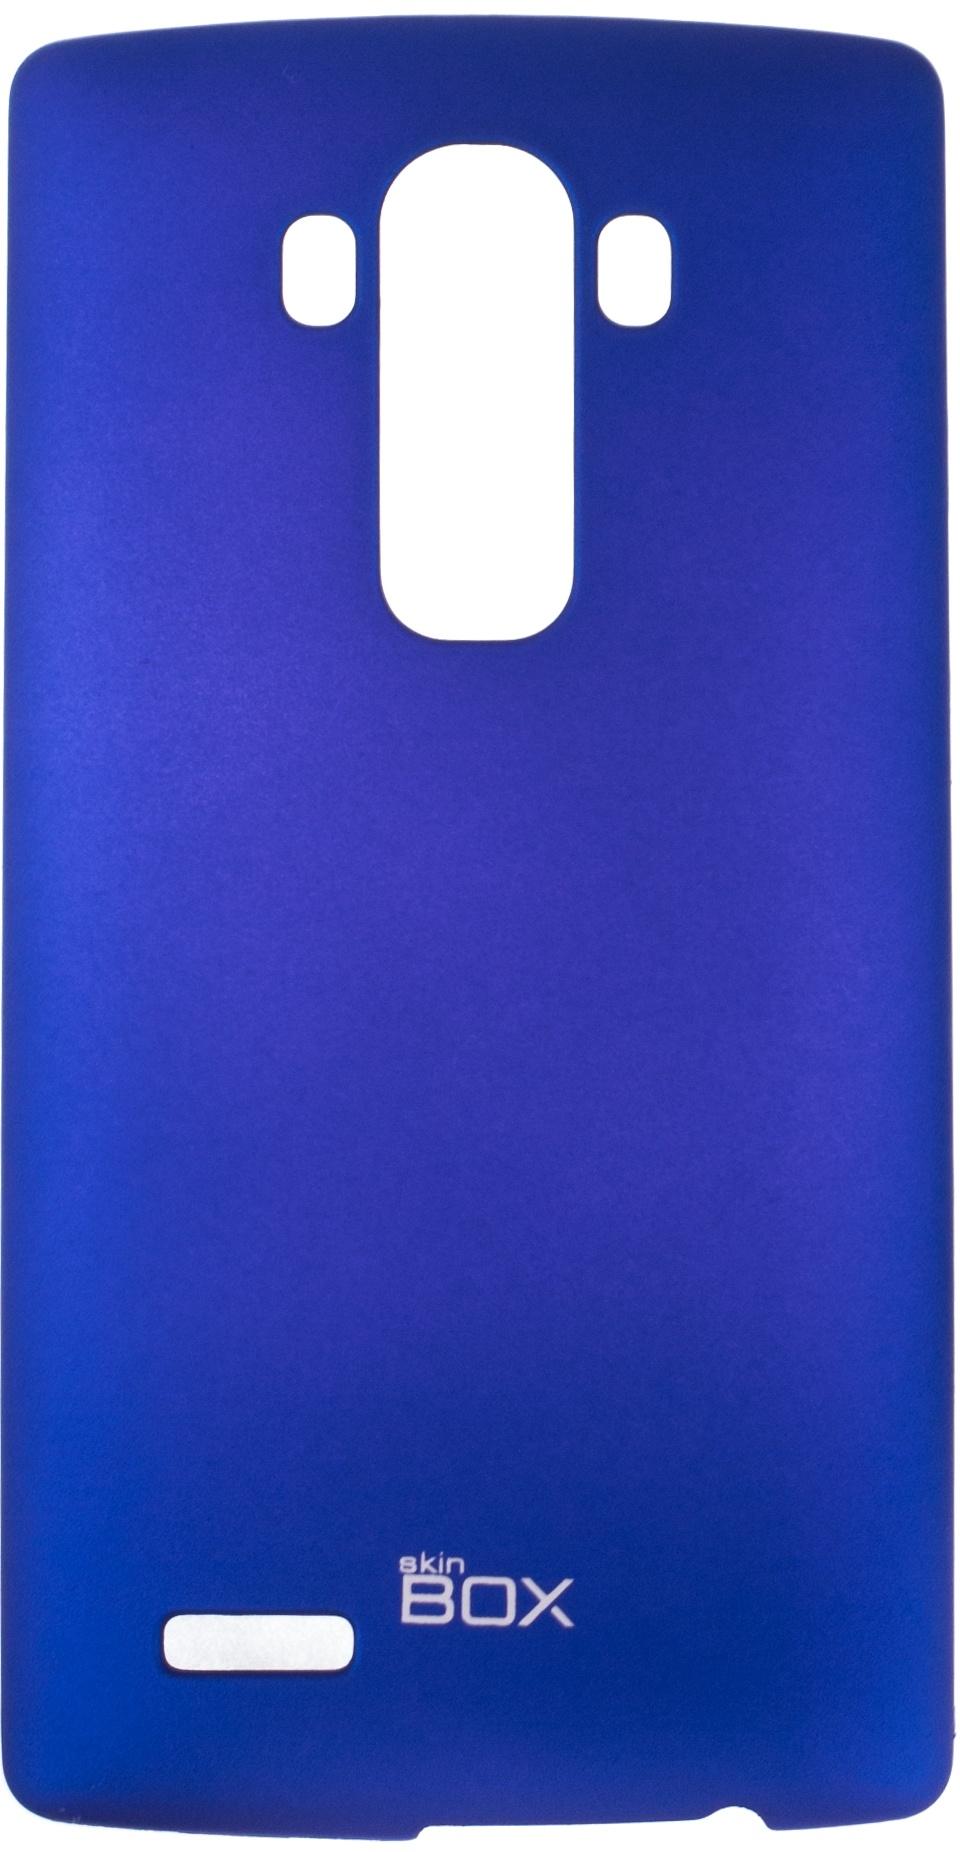 Накладка skinBOX для LG G4, 2000000076423, синий накладка skinbox для lg g4s 2000000079226 черный